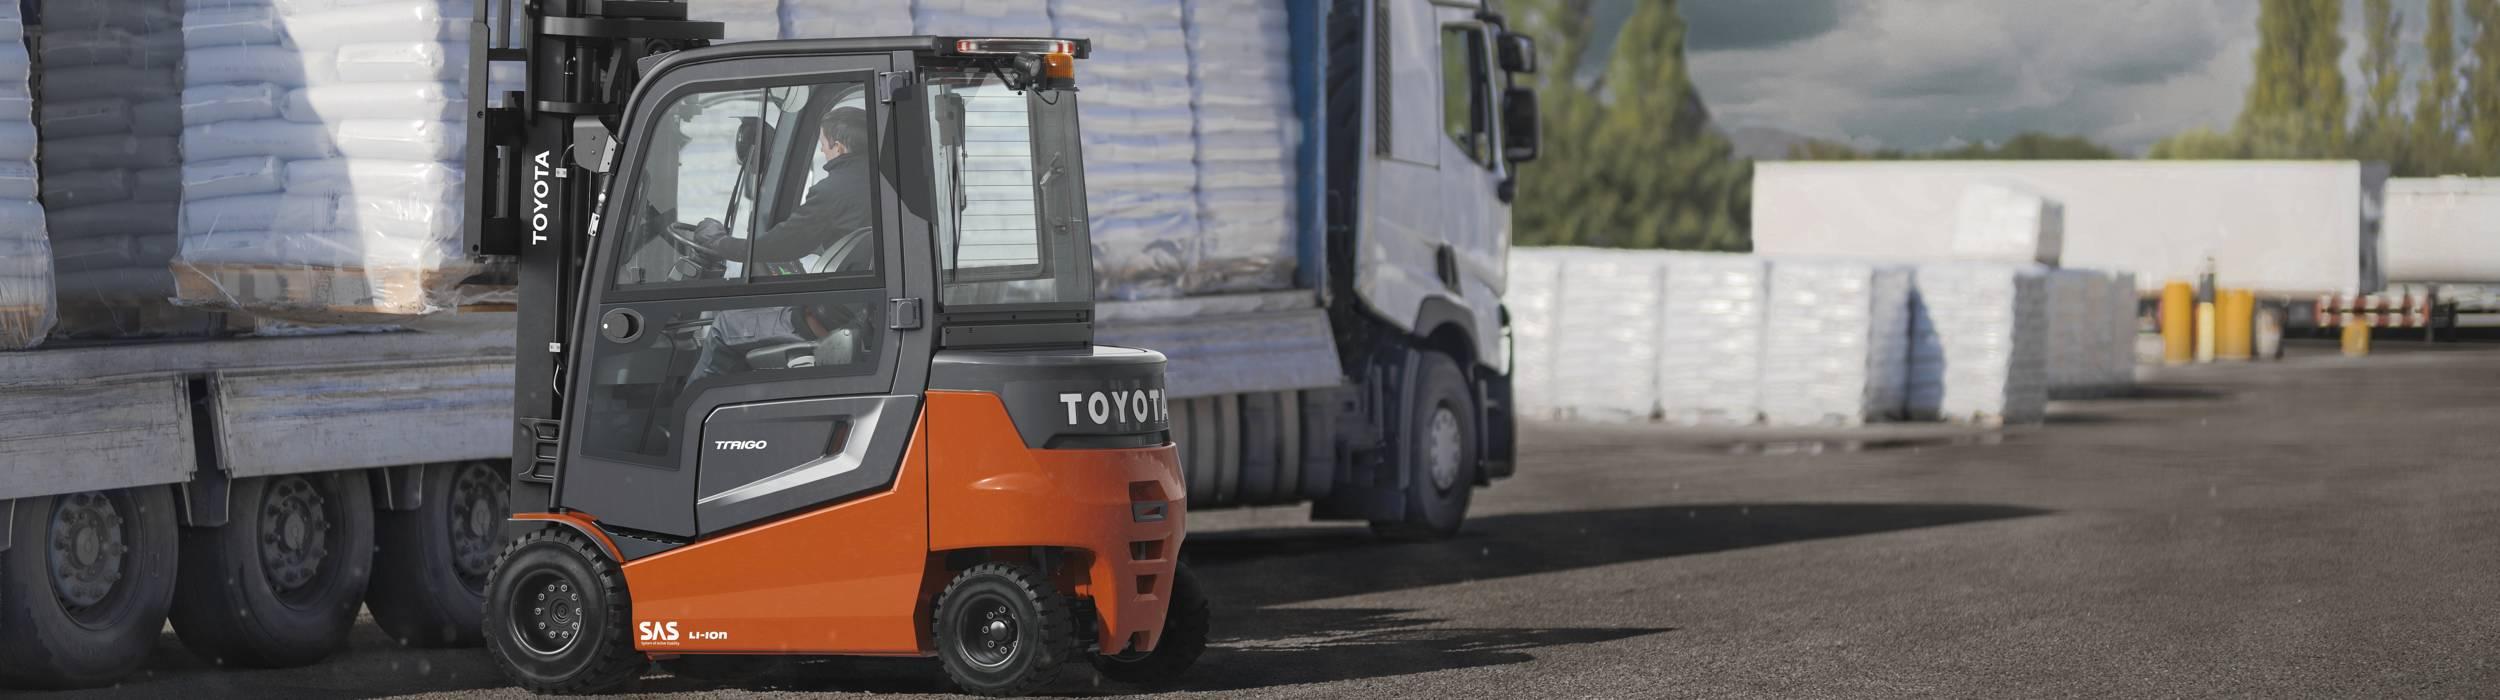 Alle Traigo80 elektrische vorkheftrucks zijn standaard uitgerust met het unieke System of Active Stability (SAS) van Toyota dat een ongeëvenaarde truckstabiliteit garandeert door de bestuurder en lading te beschermen tijdens het rijden, draaien en heffen. SAS biedt geavanceerde technologie om de veiligheid en productiviteit te verhogen.